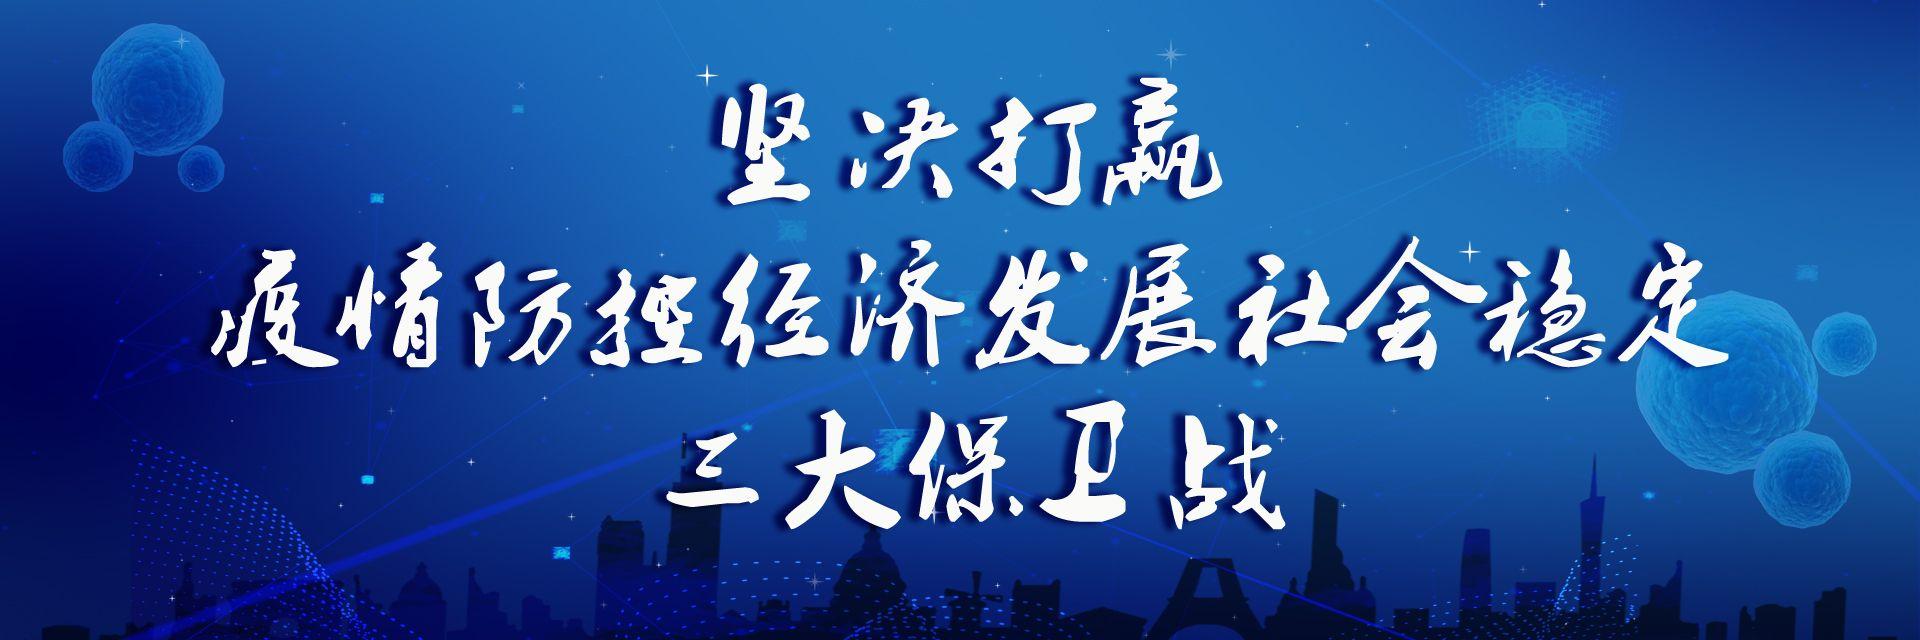 大箕铺镇纪委 组织纪检干部学习《中华人民共和国公职人员政务处分法》